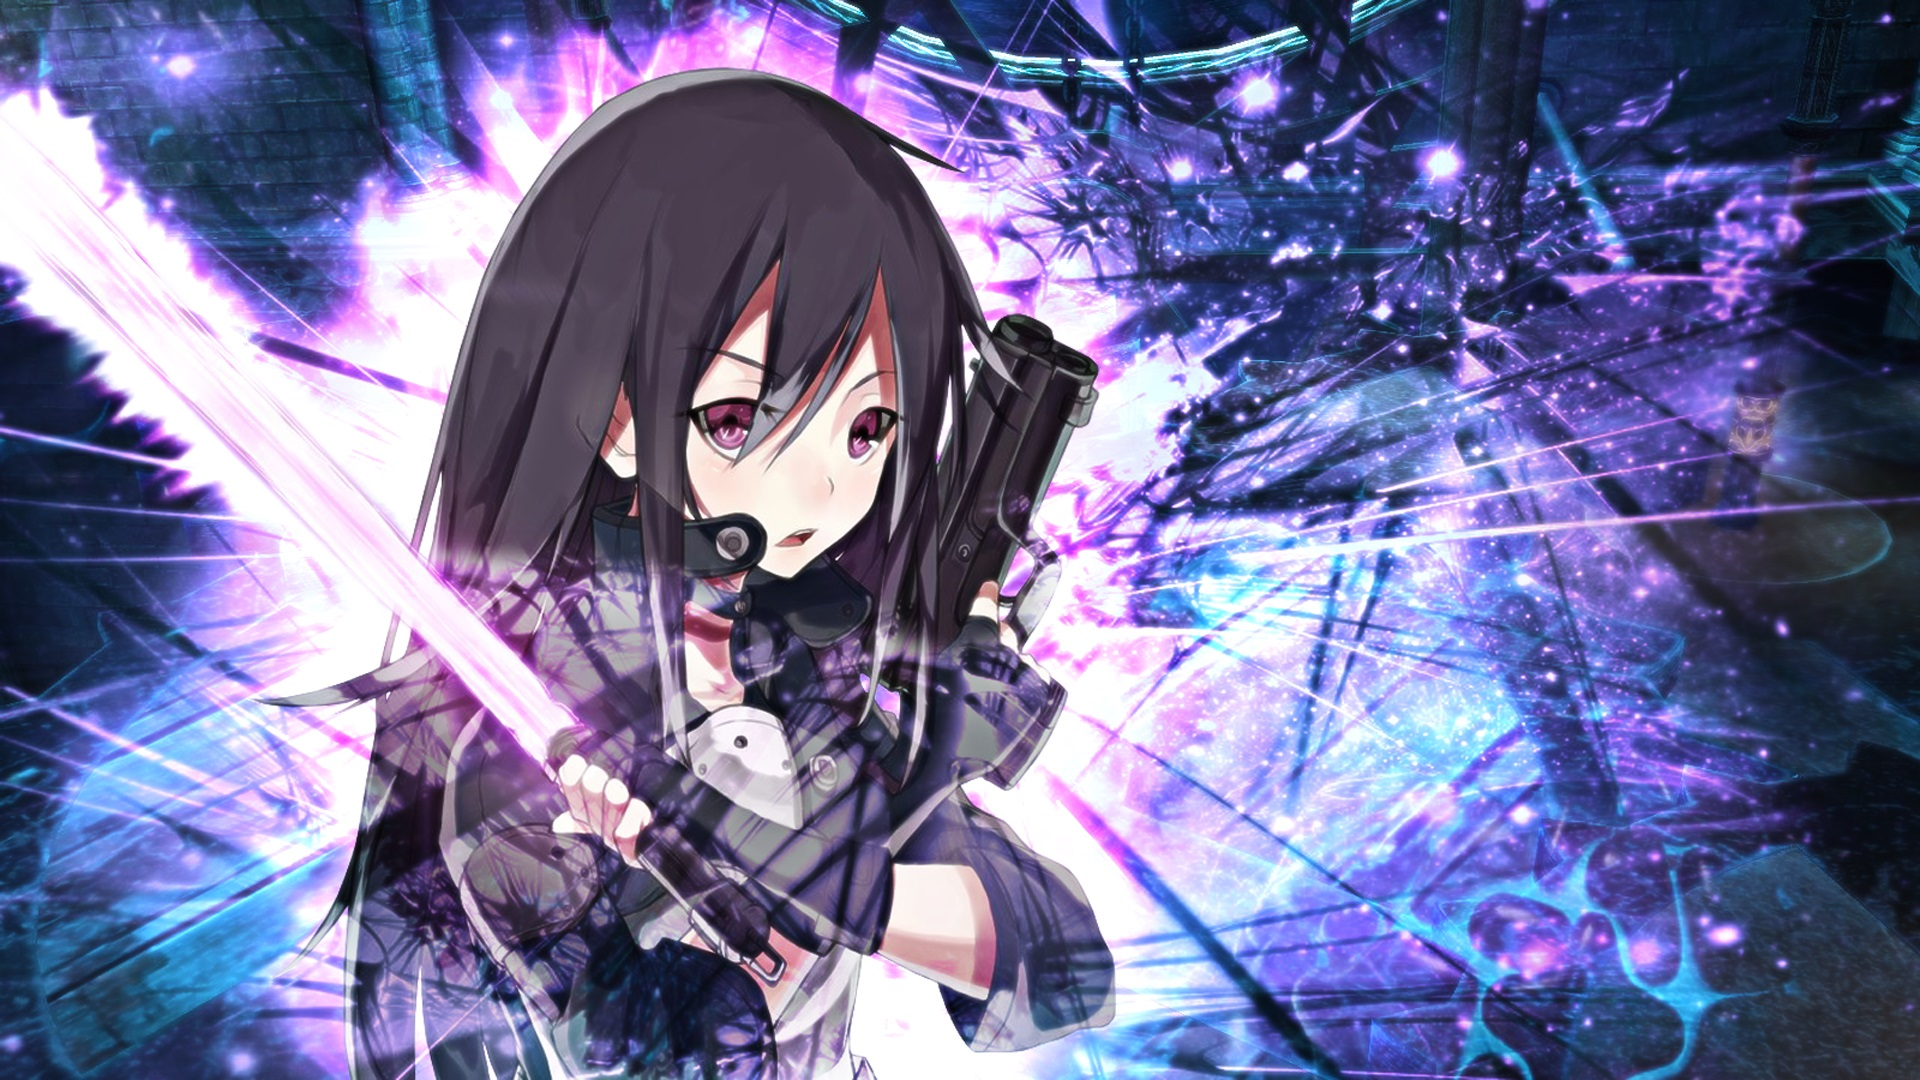 sword art online 2 wallpaper wallpapersafari